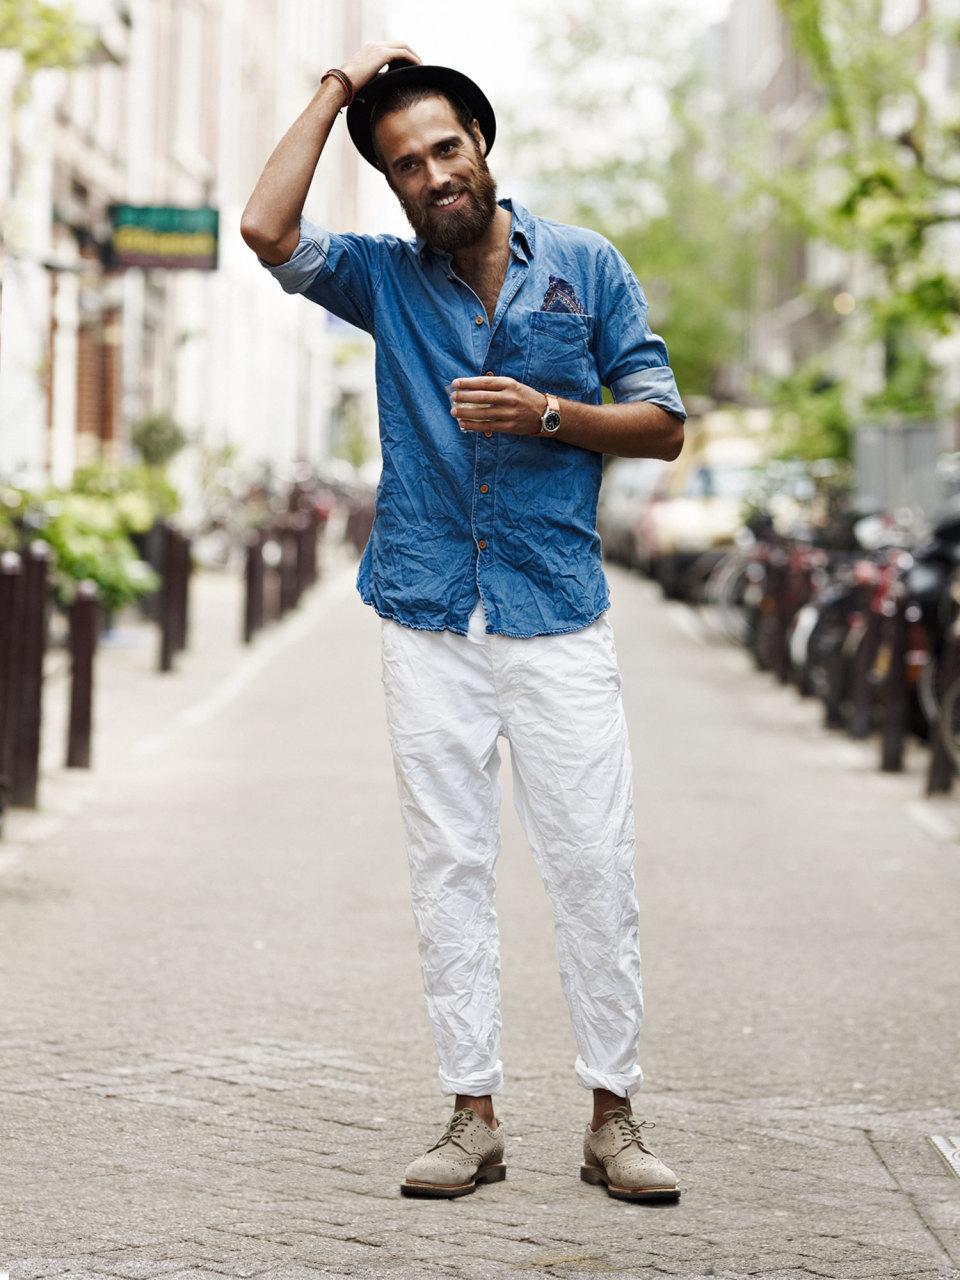 """白パンツ着こなしで目指す「爽やかメンズ」への道:春の季節感溢れる""""簡単おしゃれ""""着こなし  7番目の画像"""